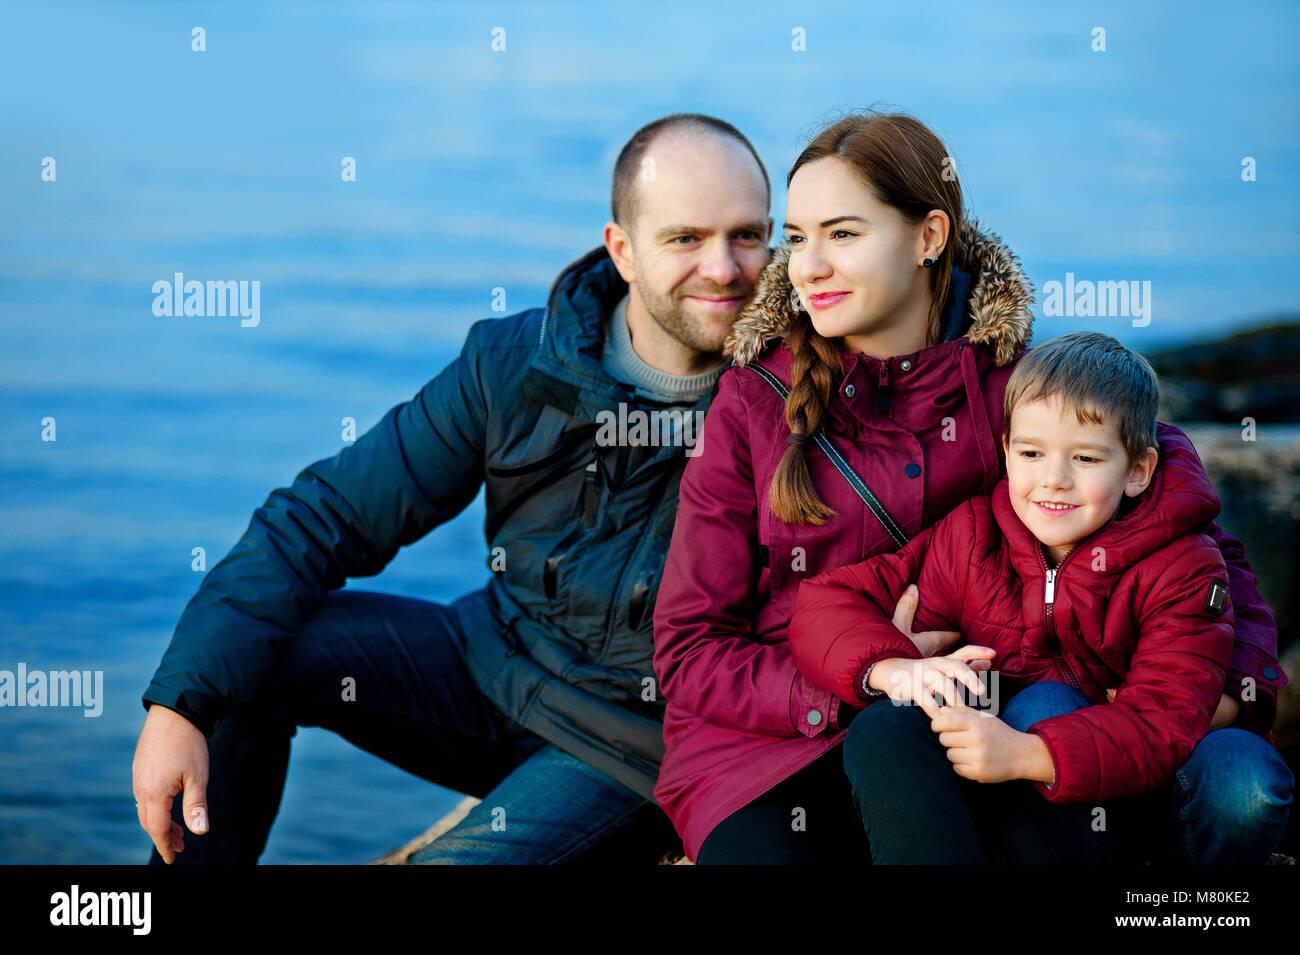 Familia mamá, papá e hijo sentado en la playa por el mar. Temporada: primavera, otoño. El concepto Imagen De Stock